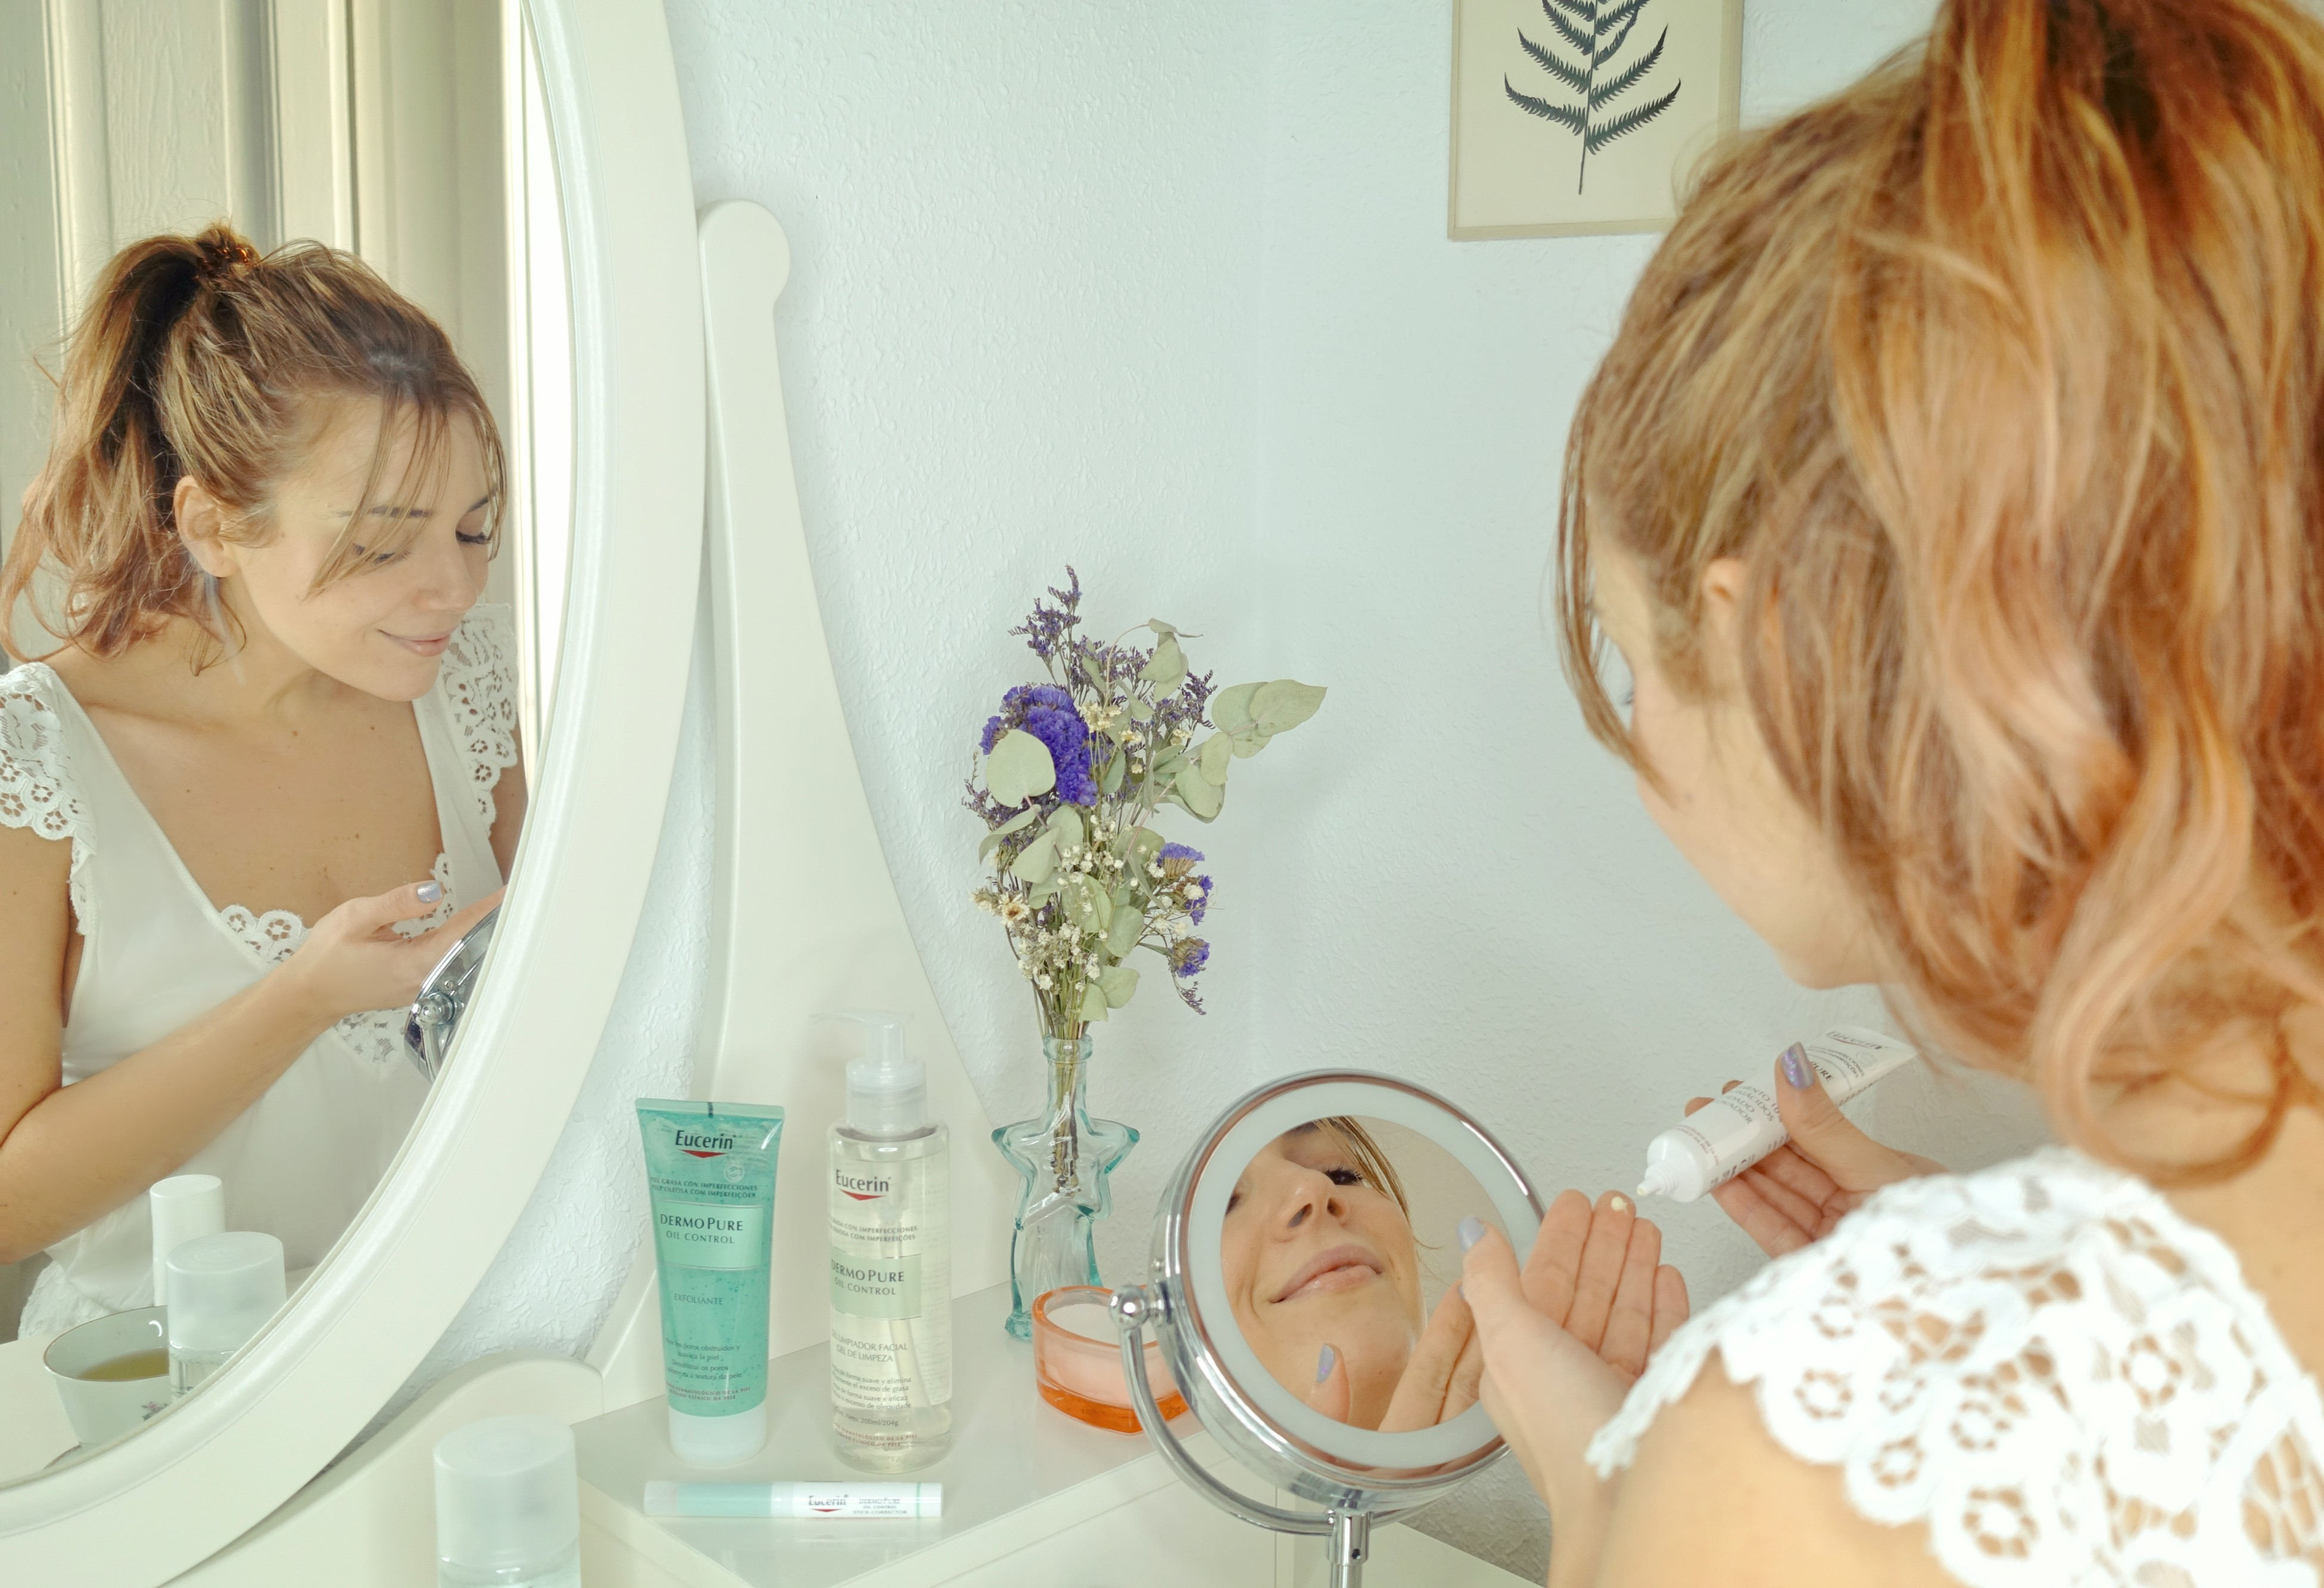 Fashionista-tratamiento-para-el-acne-Dermopure-Eucerin-ChicAdicta-influencer-espana-Chic-Adicta-piel-grasa-PiensaenChic-Piensa-en-Chic